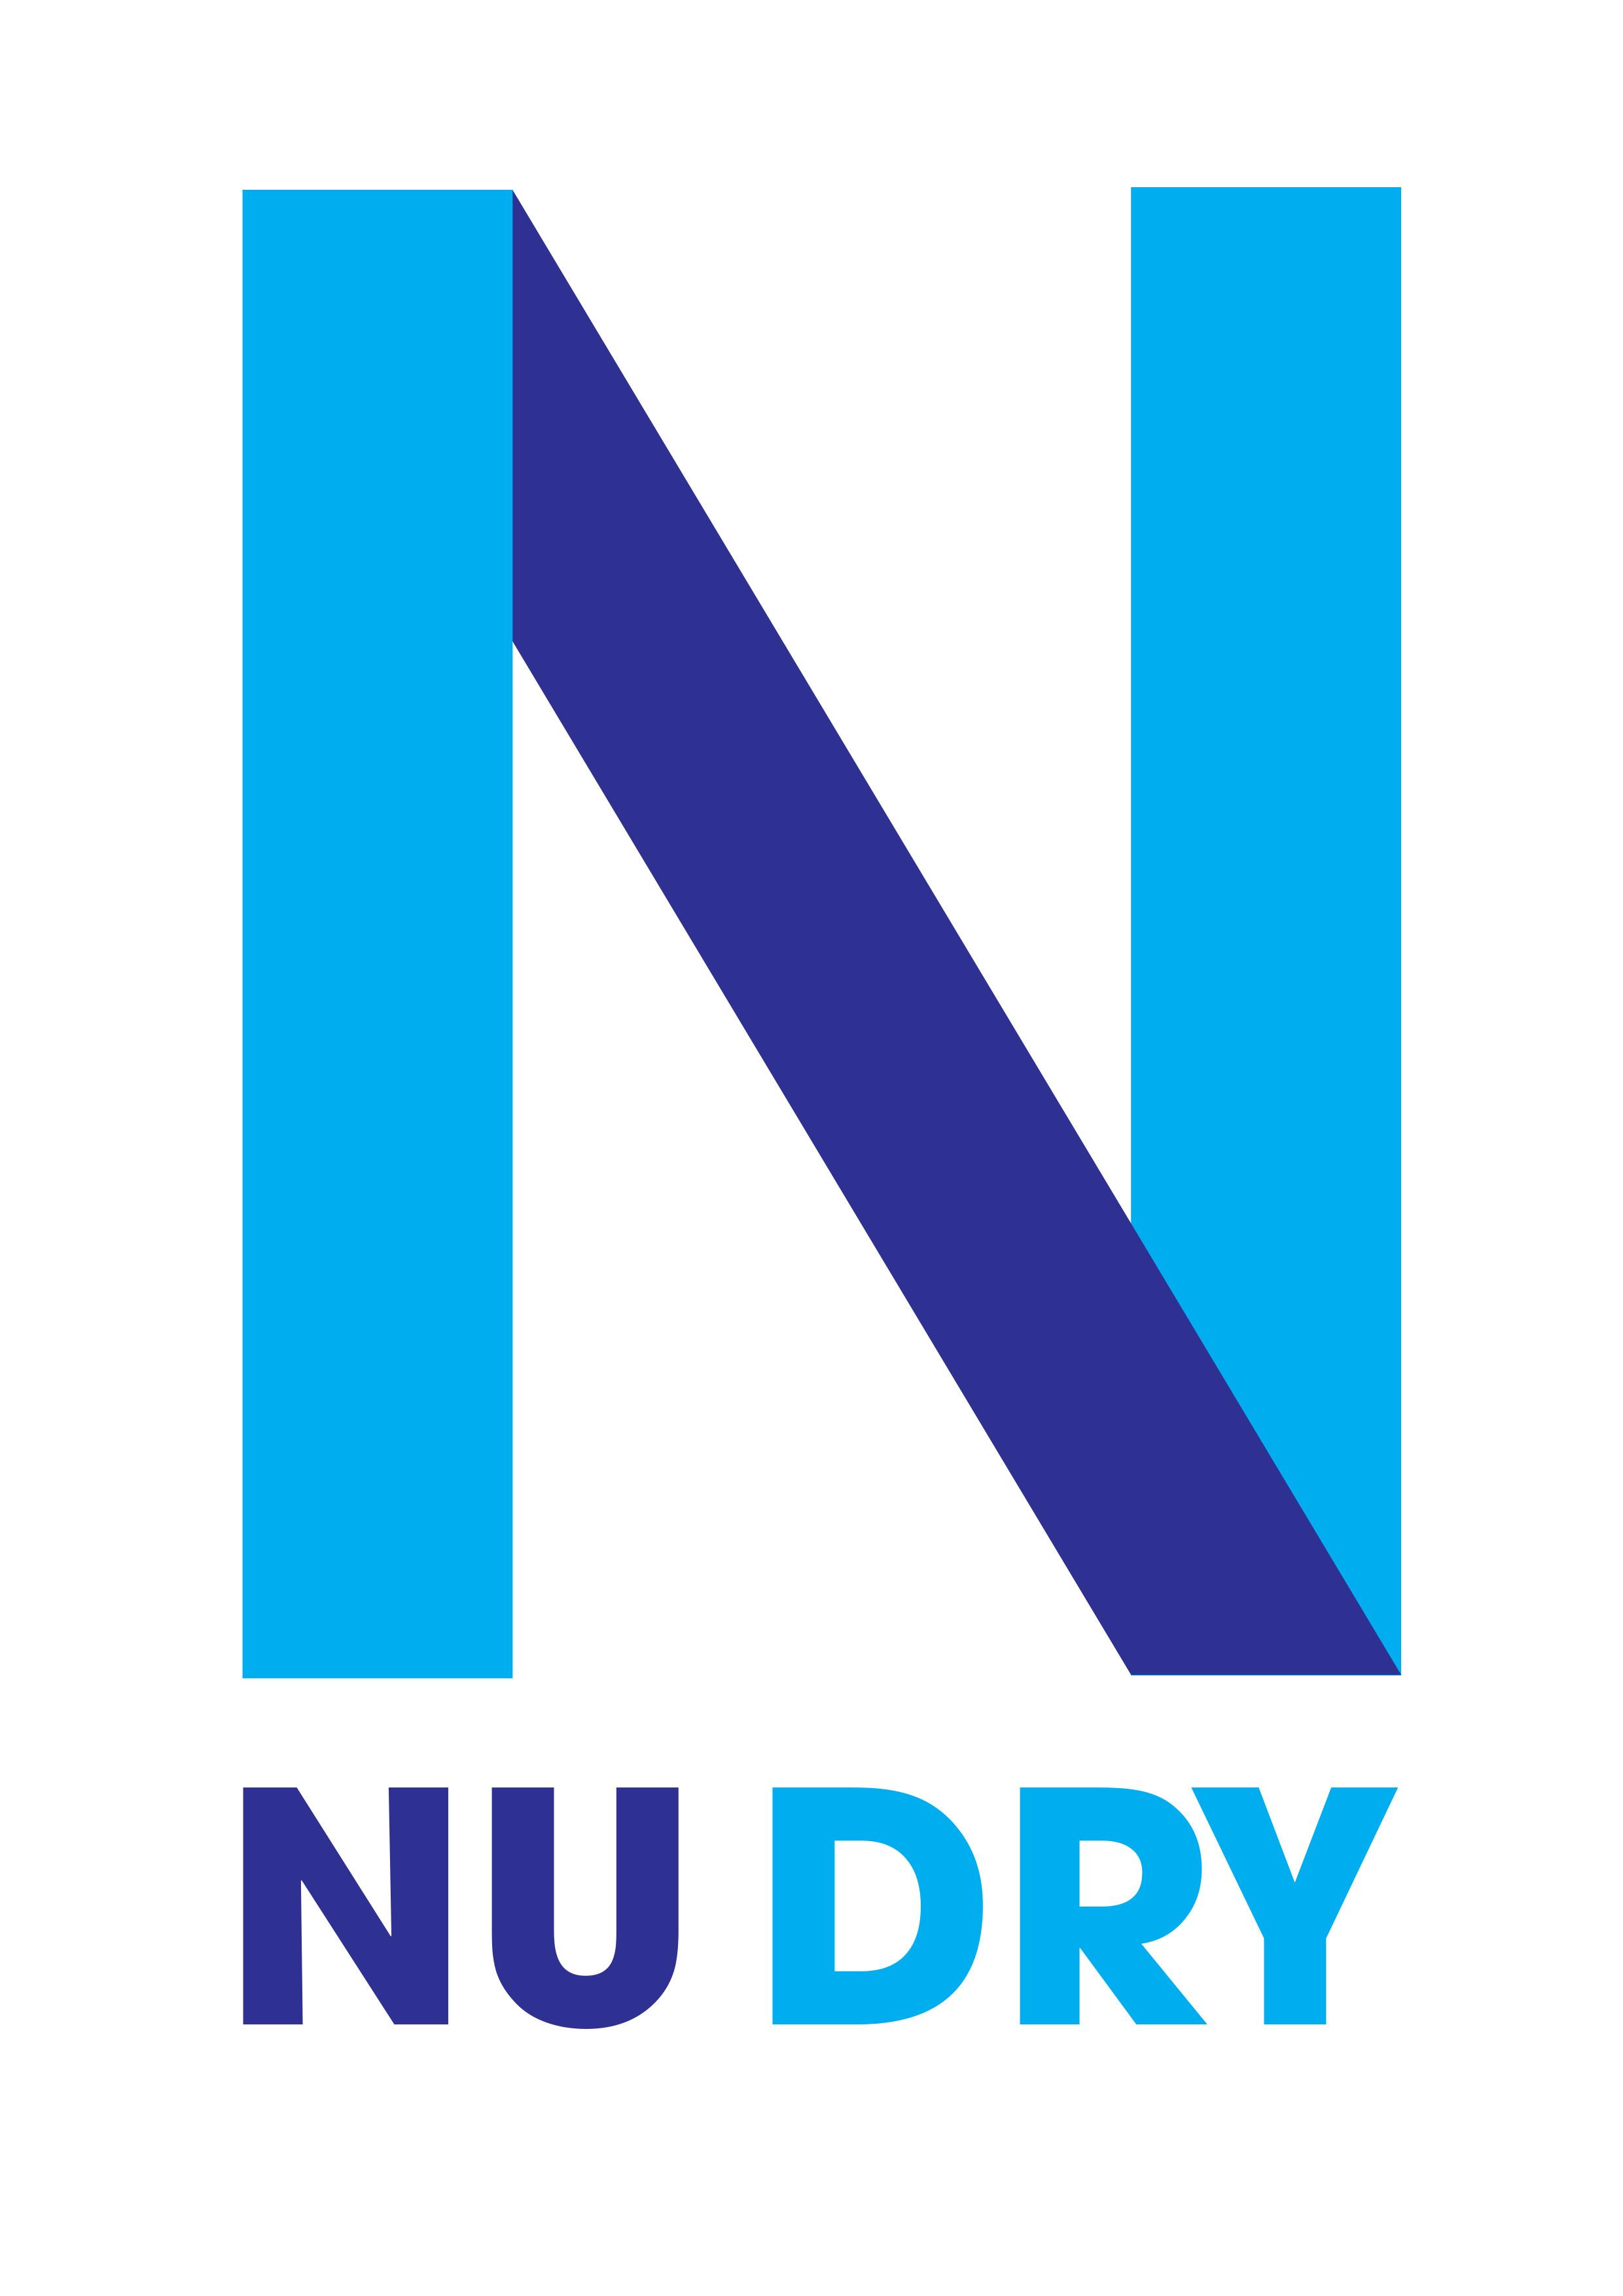 Công ty TNHH HÚT ẨM CHÍNH HÃNG NU DRY